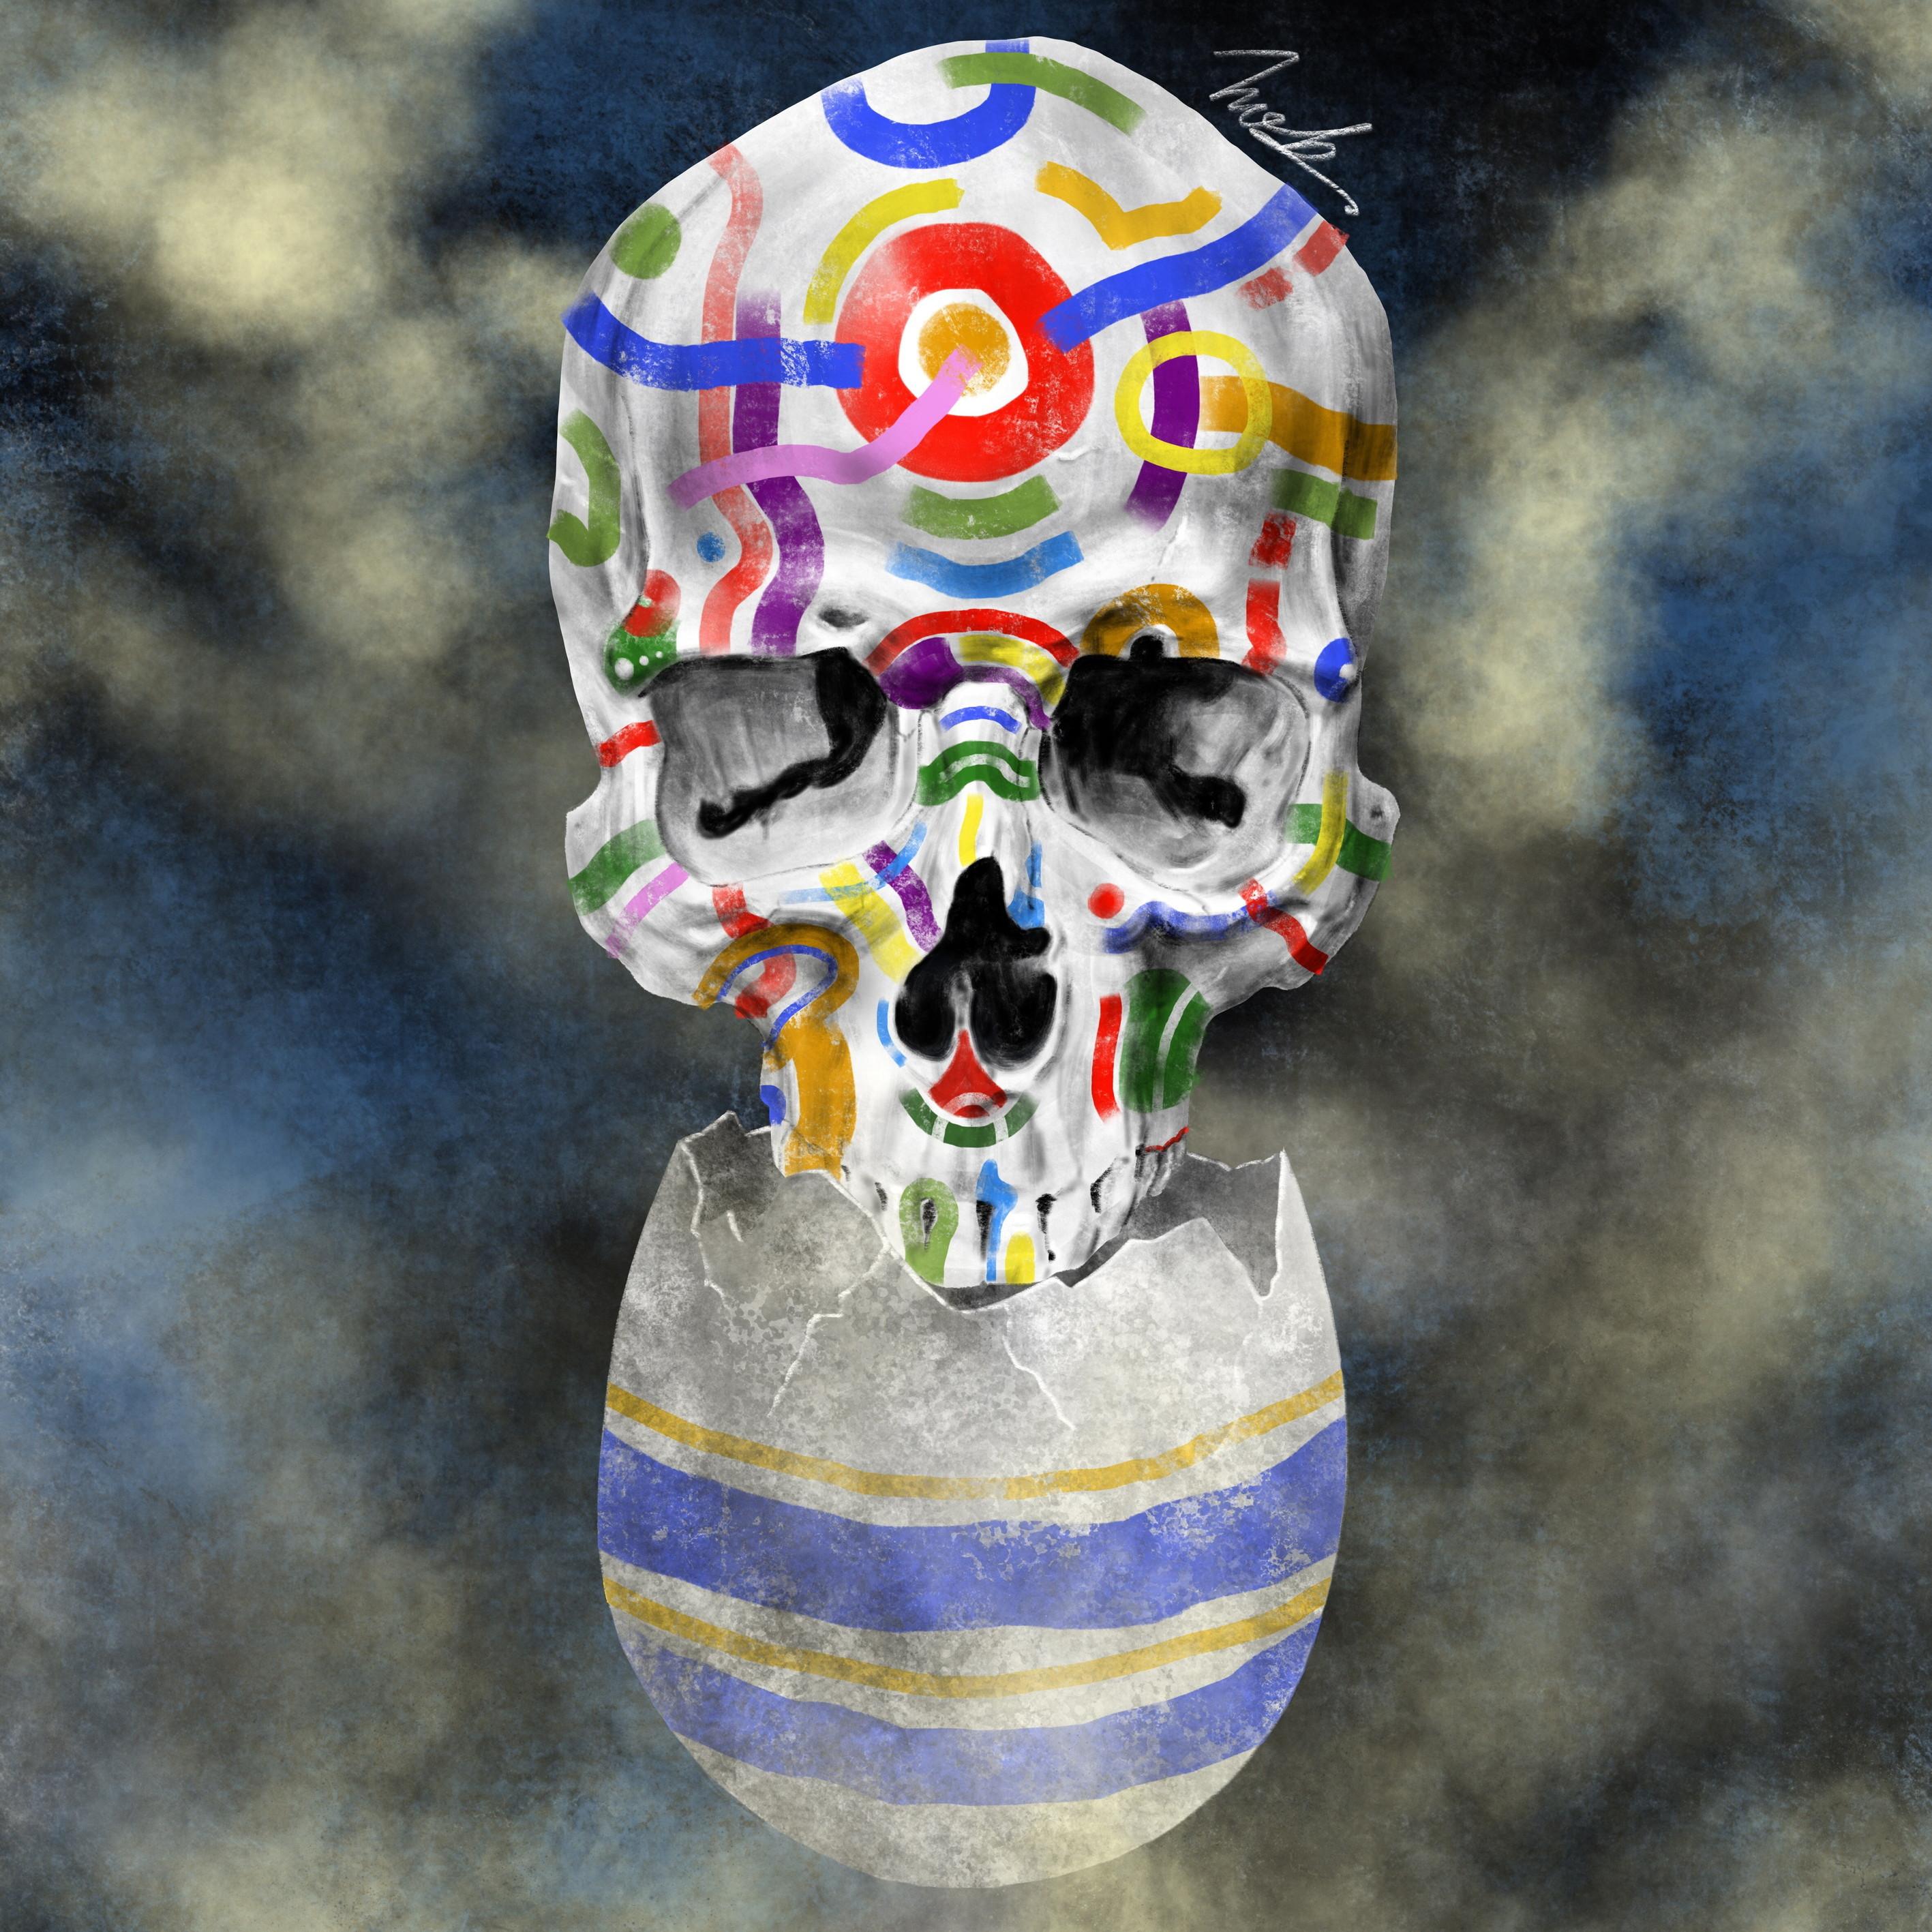 絵画 インテリア アートパネル 雑貨 壁掛け 置物 おしゃれ 髑髏 ドクロ 現代アート ロココロ 画家 : nob 作品 : L&D